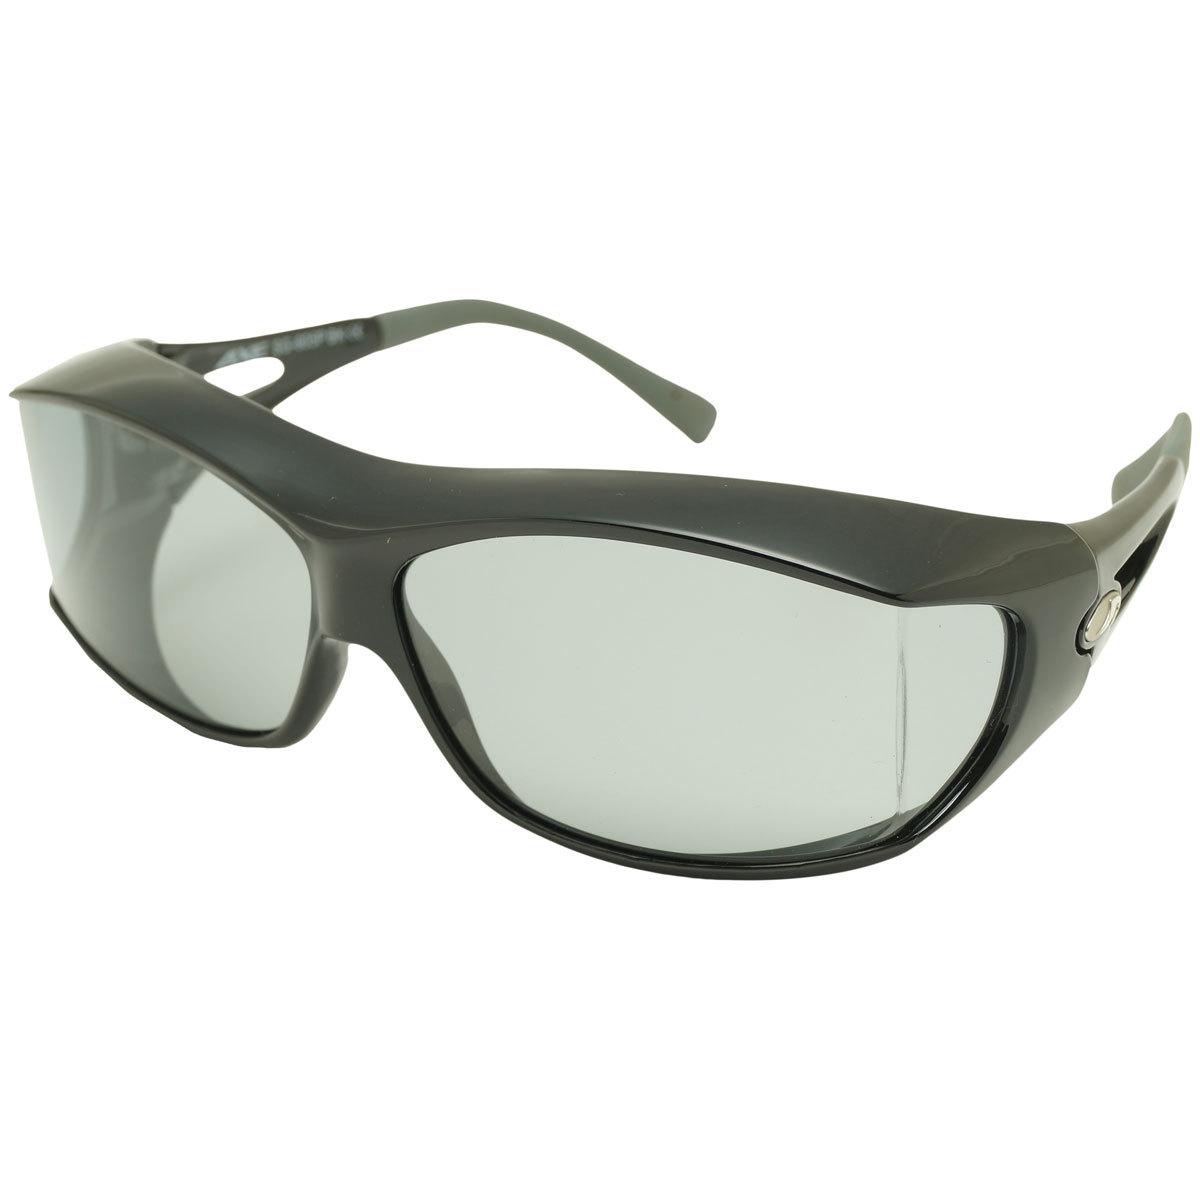 Optical style サングラス 眼鏡着用可モデル SG-605P